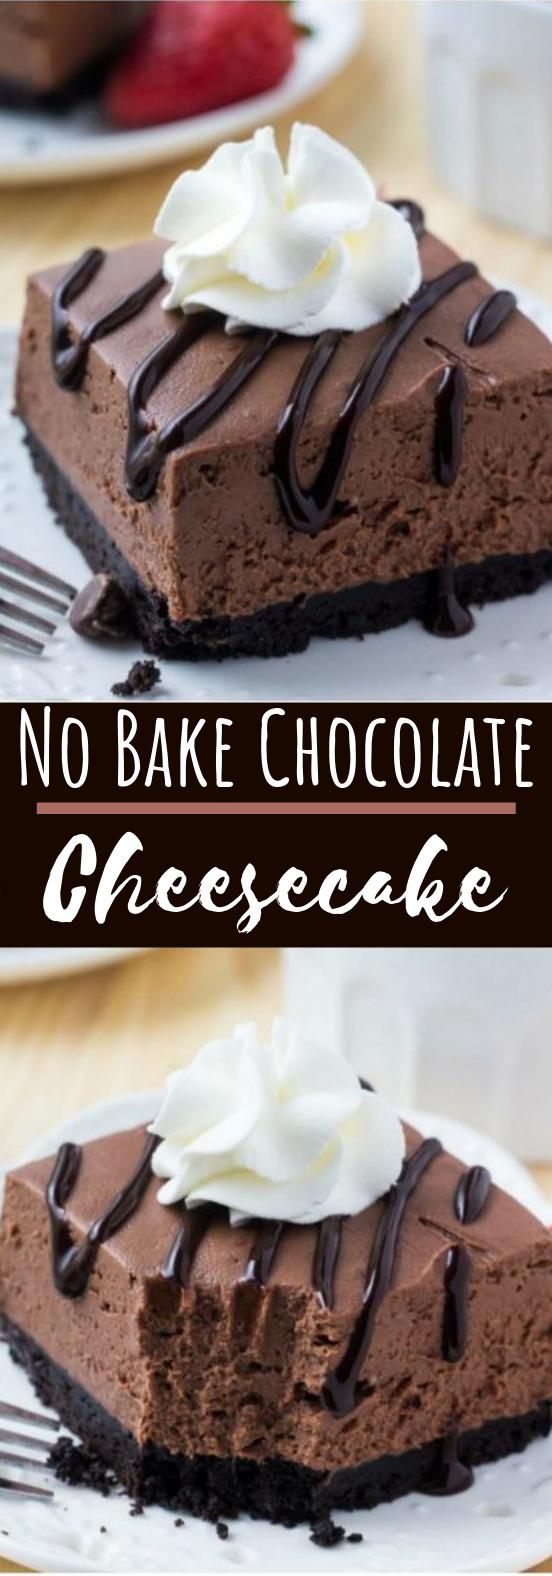 No Bake Chocolate Cheesecake Bars #chocolate #desserts